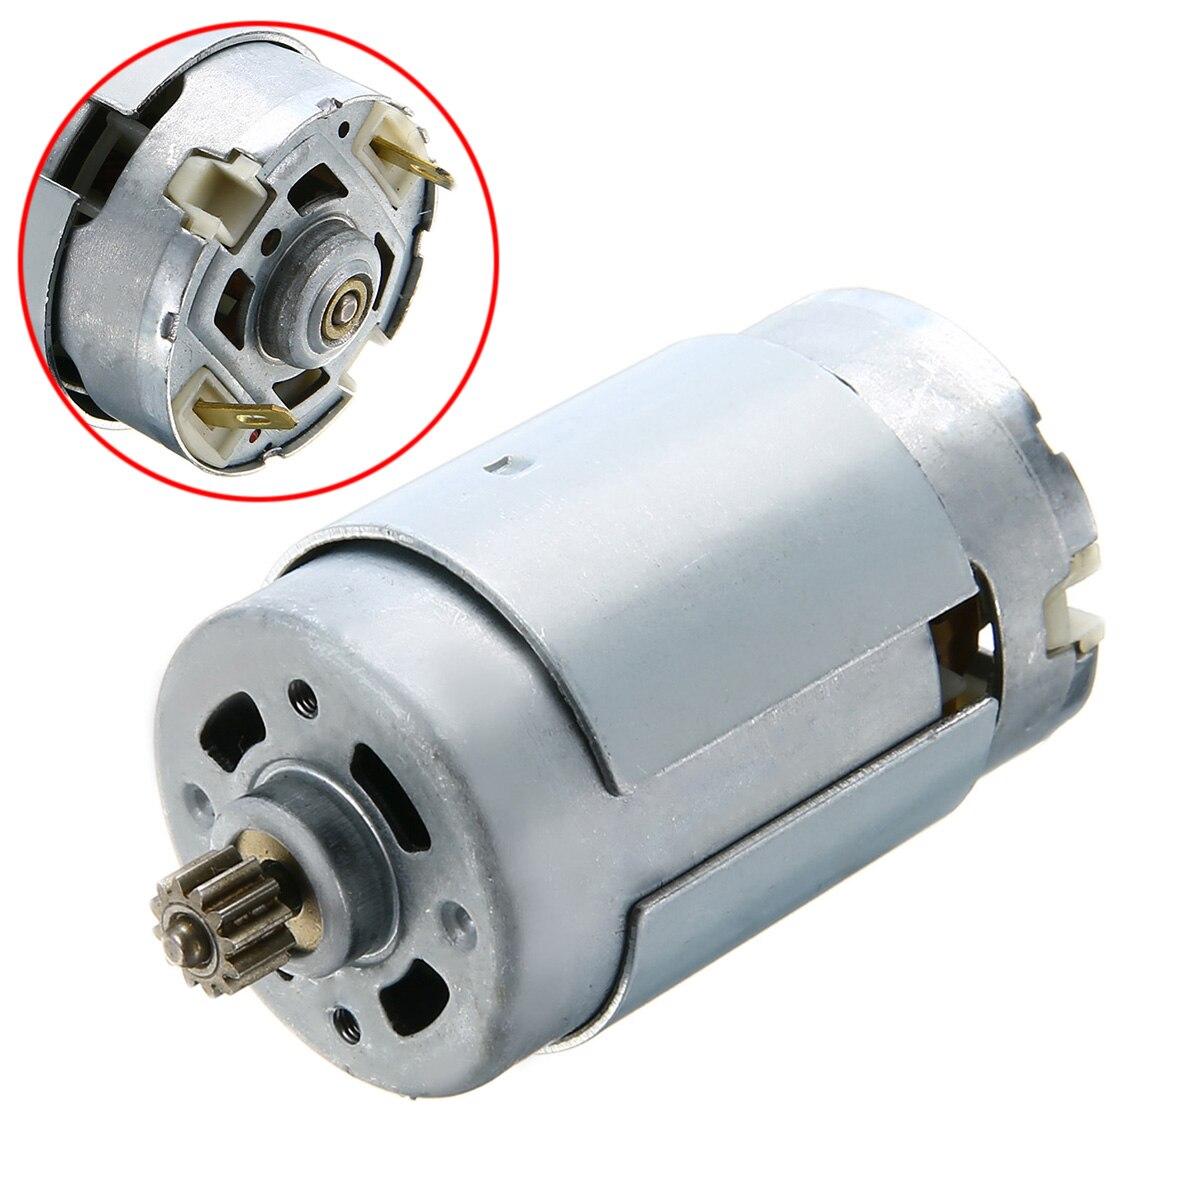 12 Teeth Gear Metal RS550 Motor Parts 12V 14.4V 16.8V 18V For Cordless Drill Screwdriver Mayitr 3mm Shaft Dia.